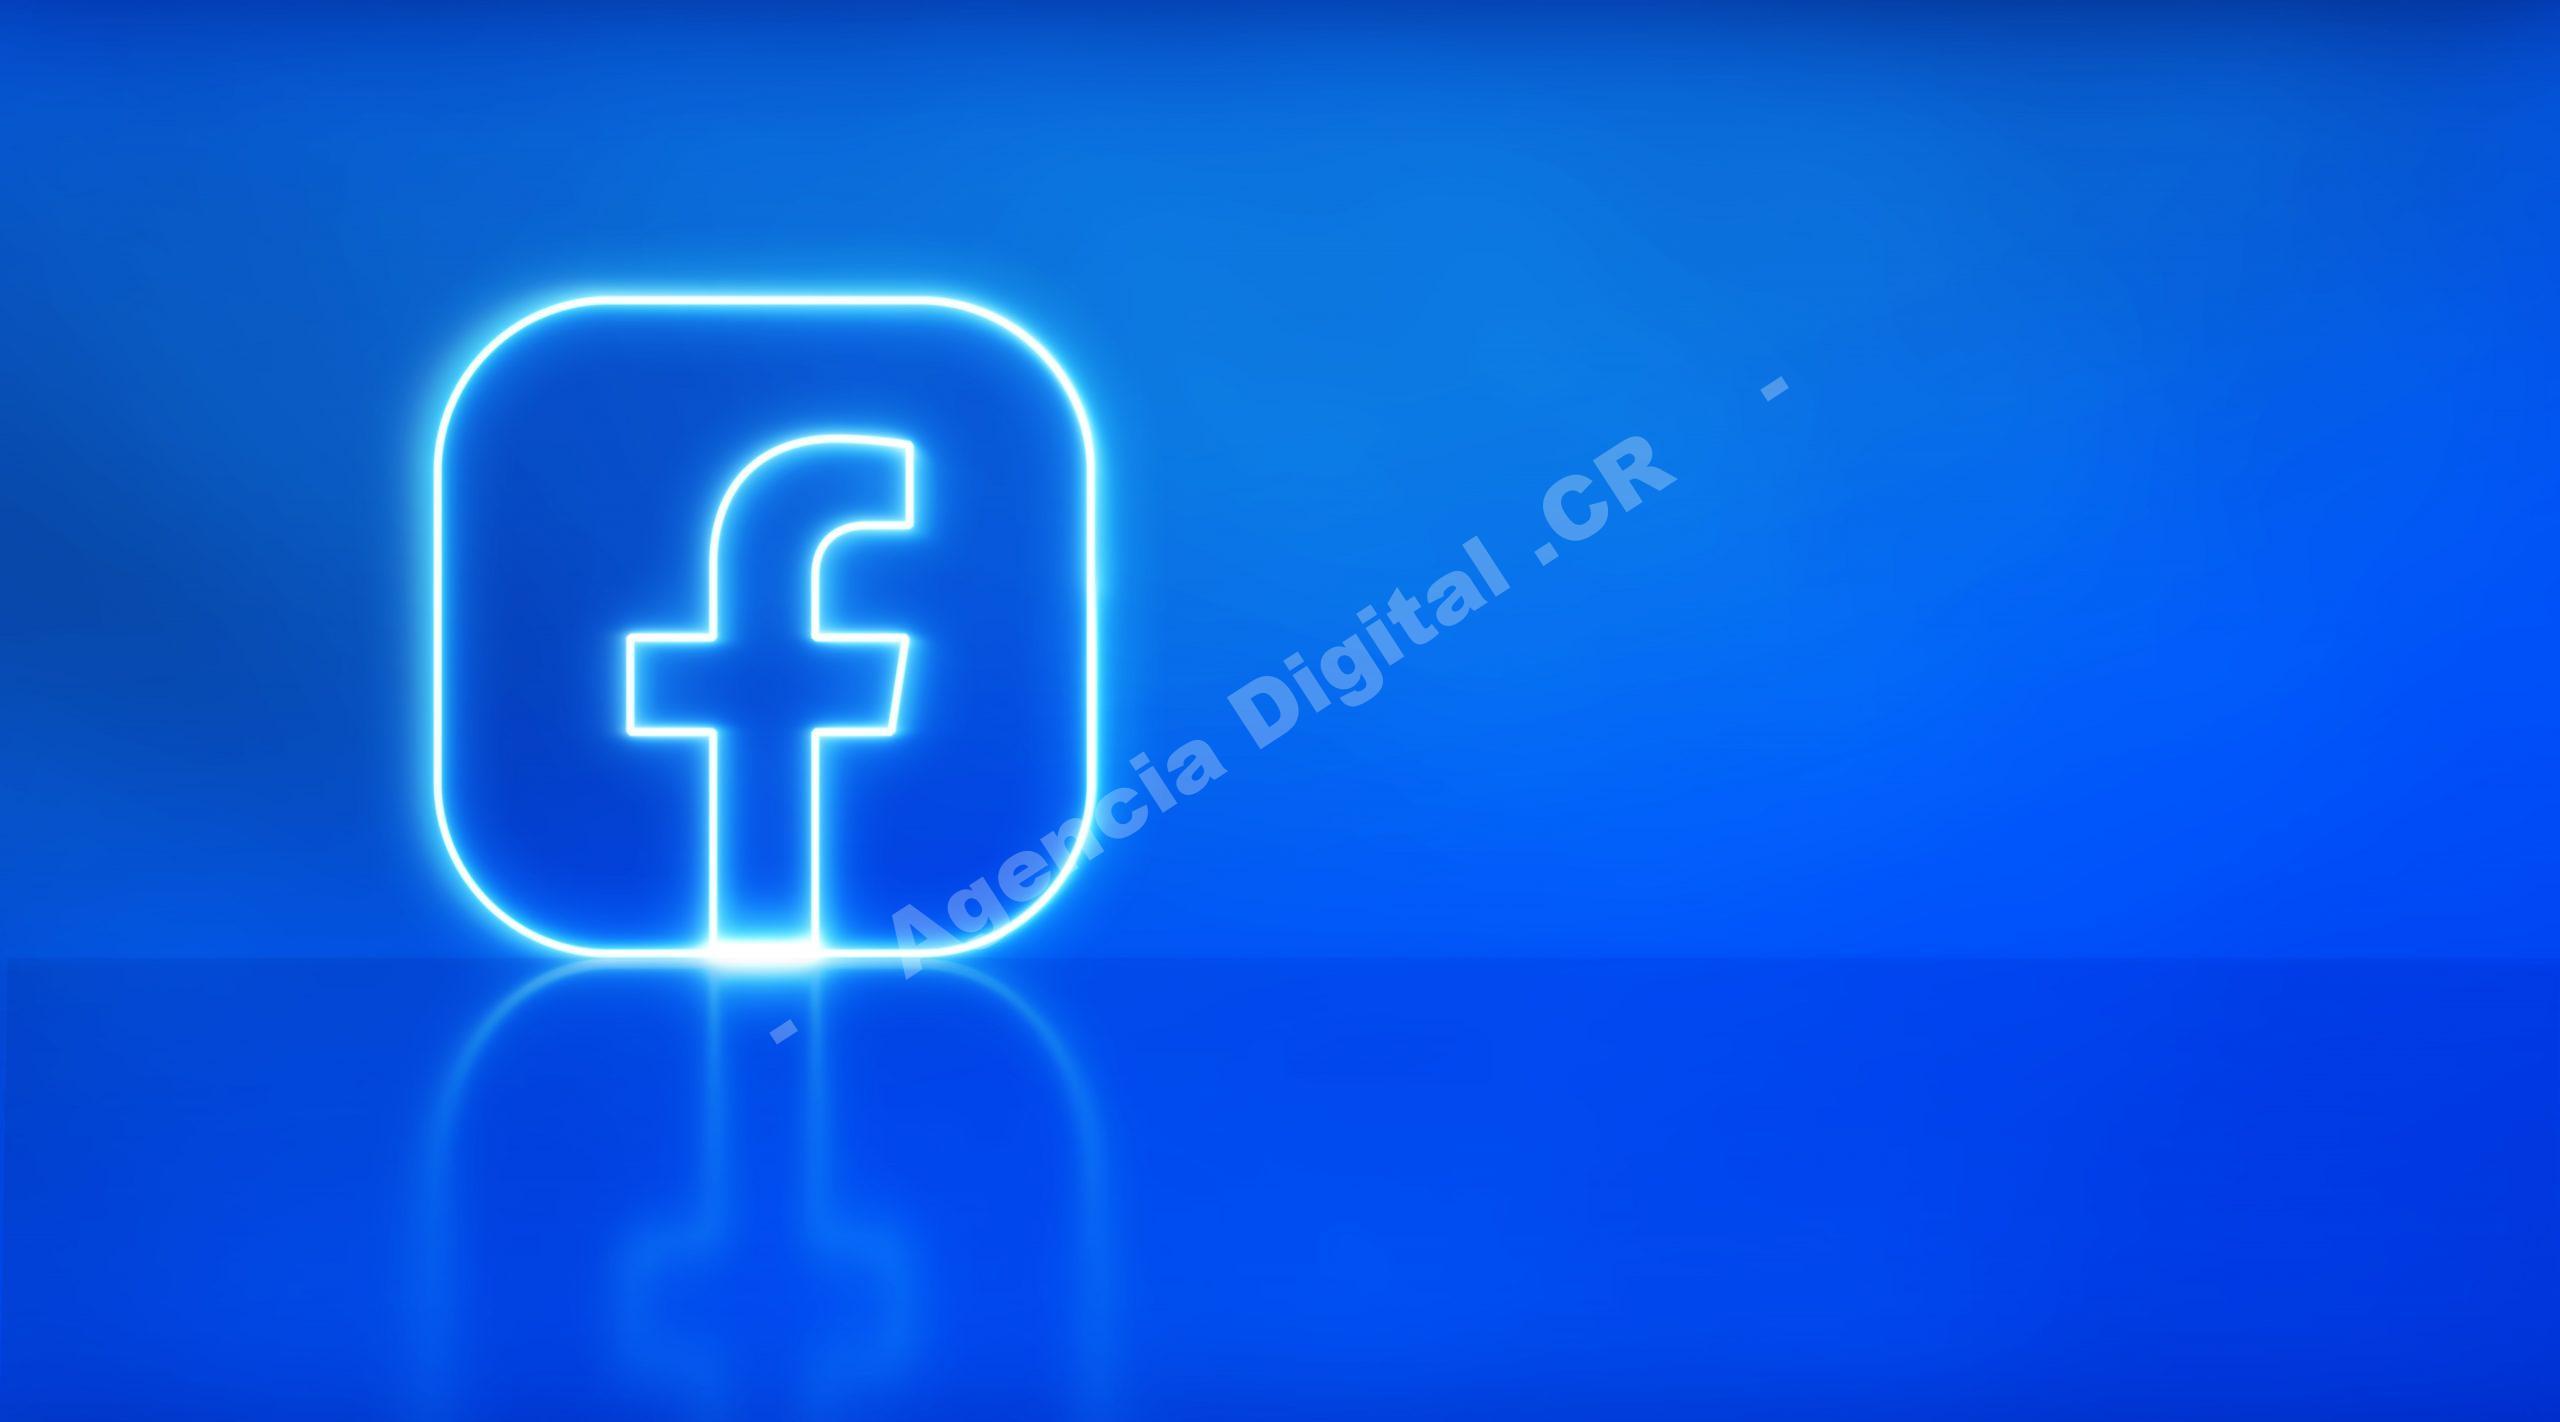 Redes Sociales Facebook Marketing Digital contenido viral social media Agencia Digital de Costa Rica